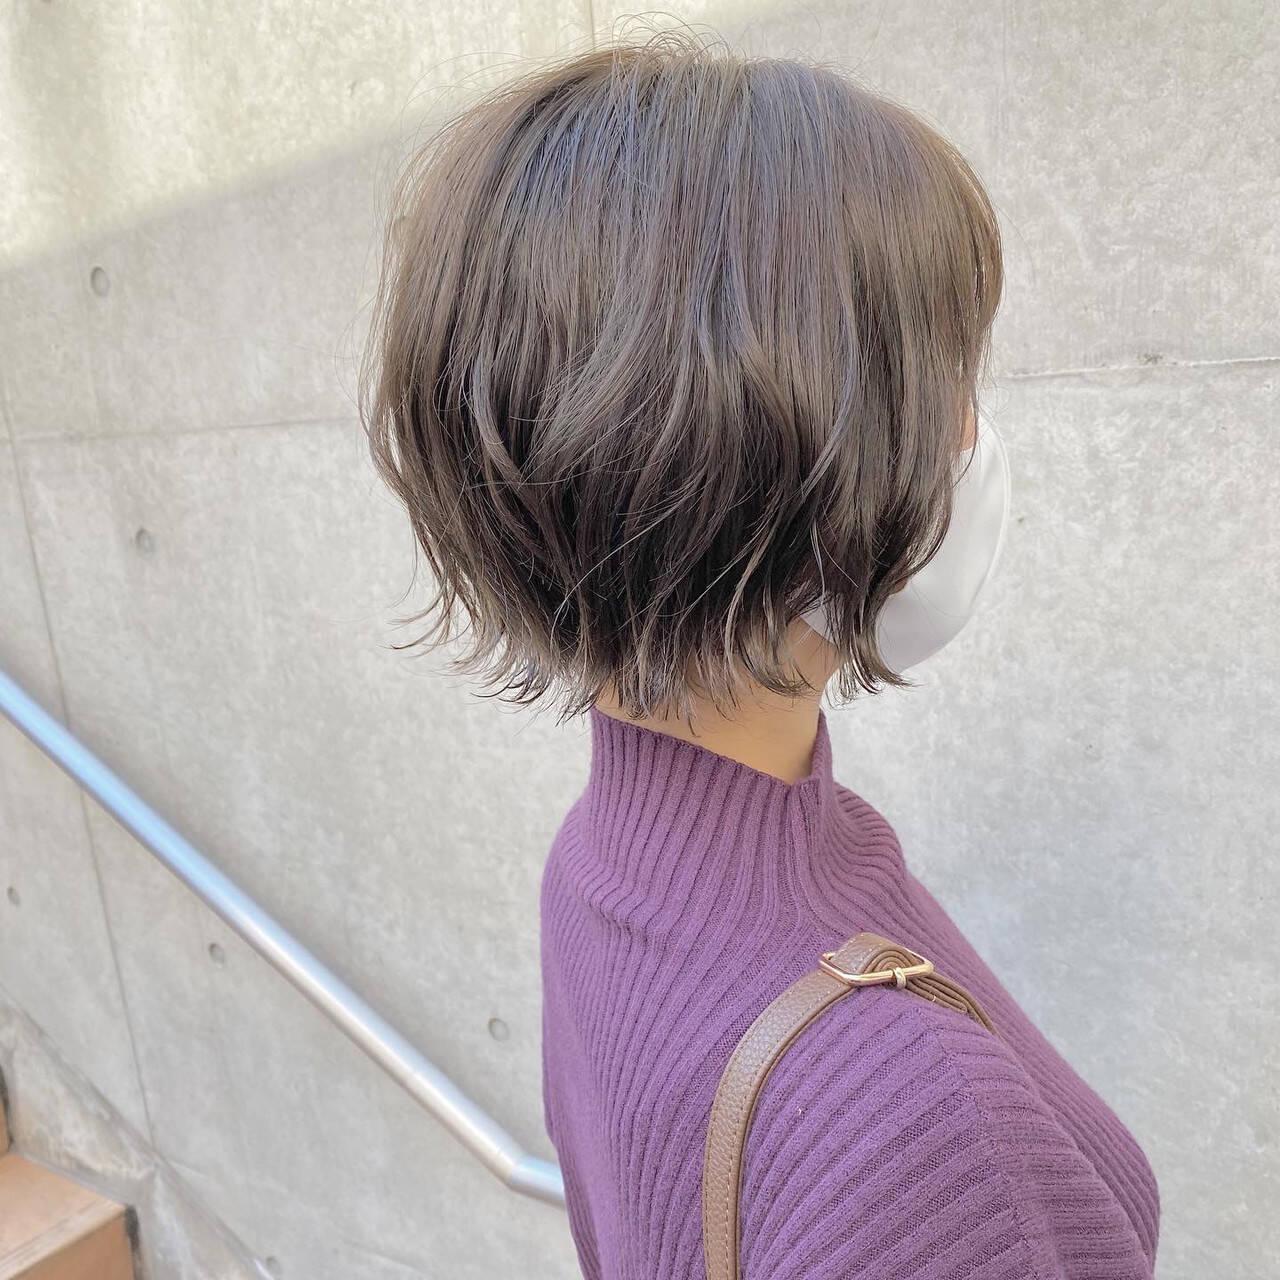 ボブ 切りっぱなしボブ  パーマヘアスタイルや髪型の写真・画像